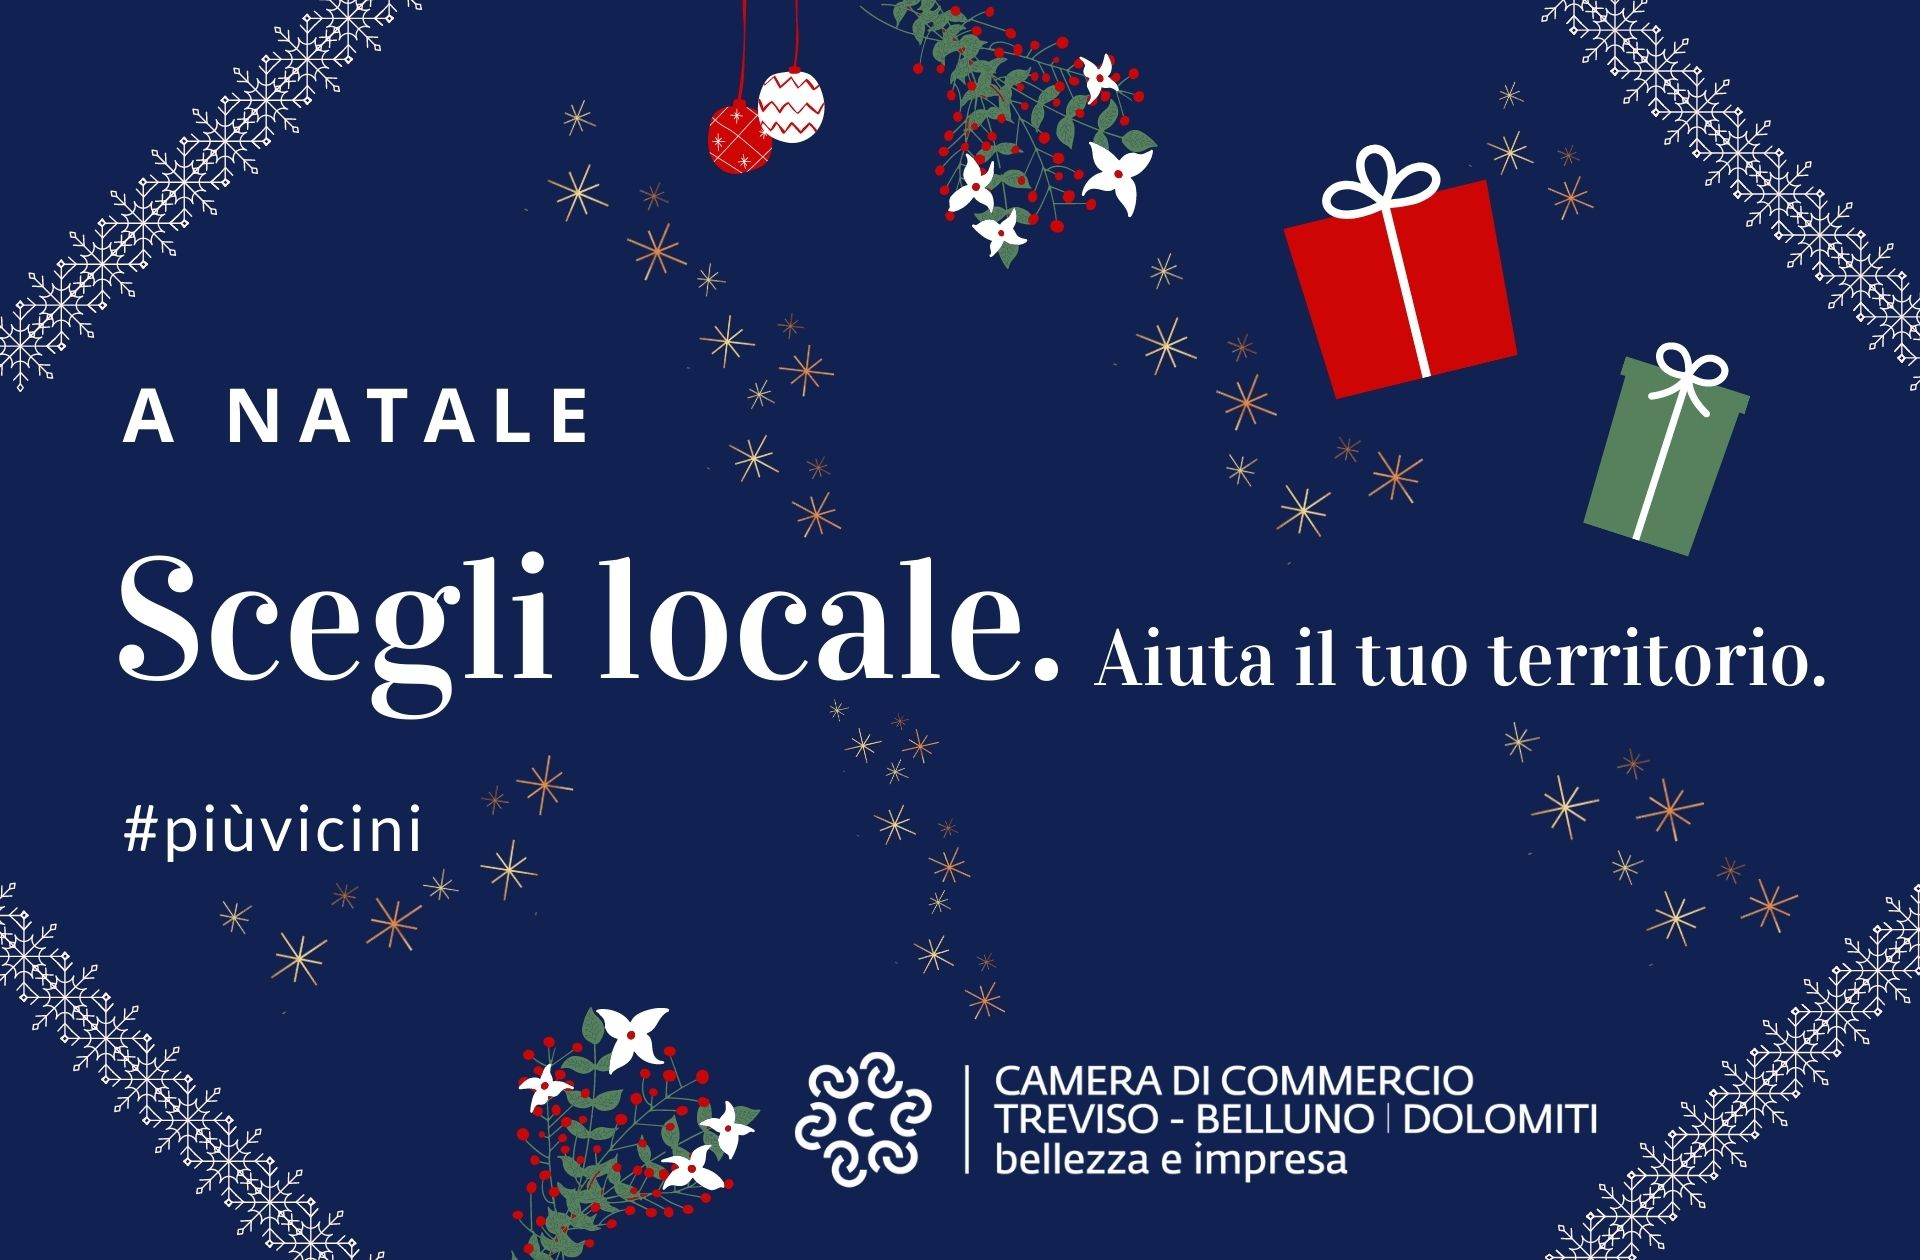 A Natale scegli locale. Aiuta il tuo territorio